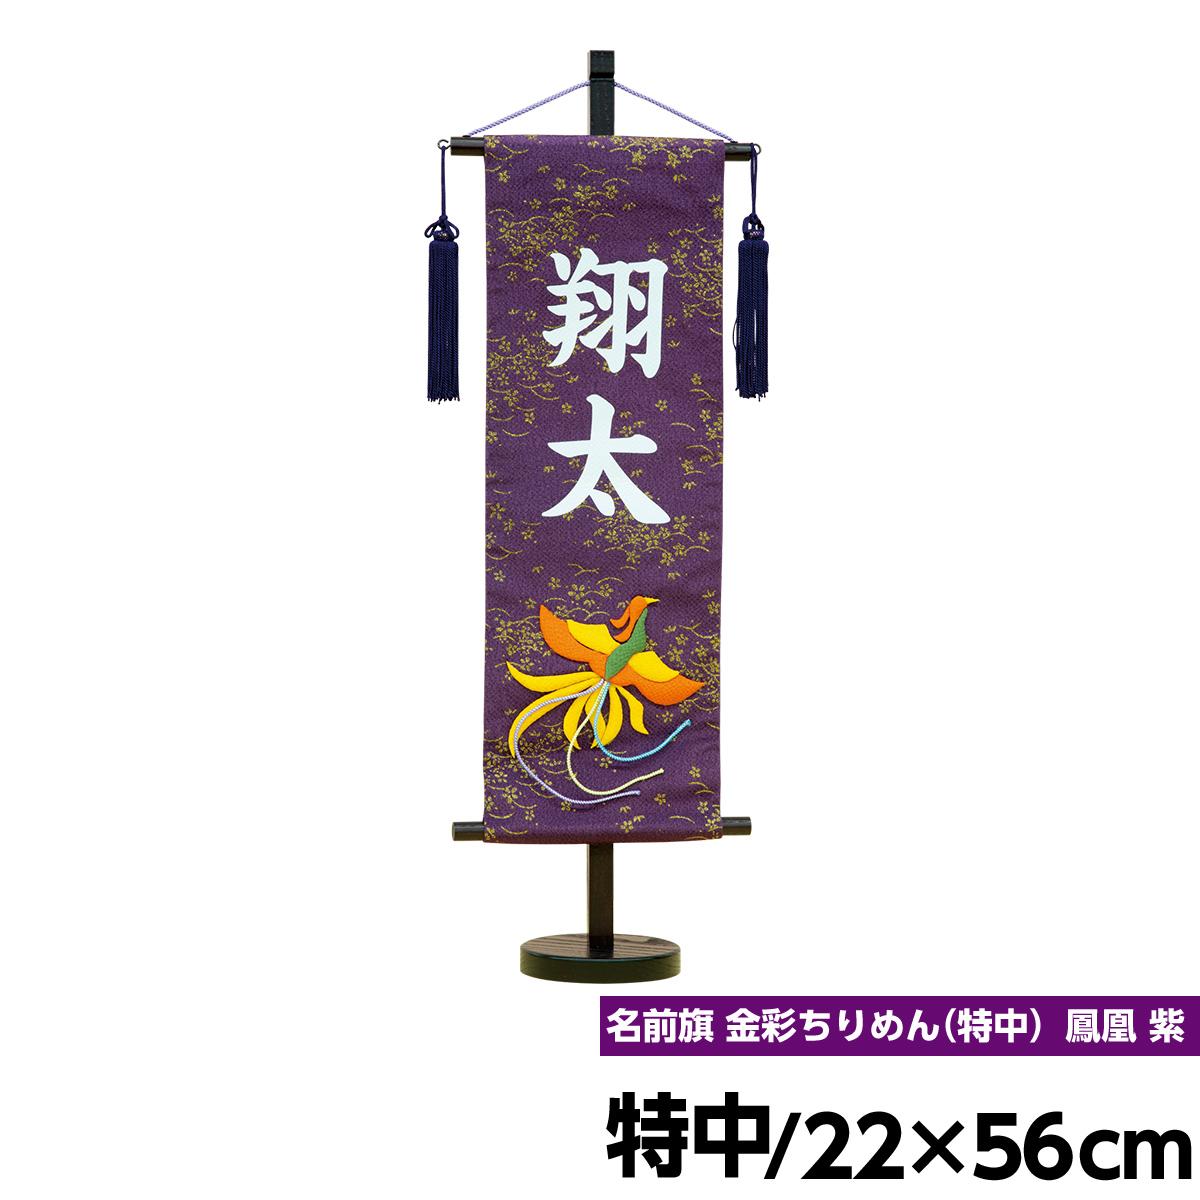 五月人形 名前旗 名前旗 名前旗 節句 端午の節句 名前旗 名前旗 五月人形 名前 札 端午の節句 節句 名前札 金彩ちりめん 鳳凰 紫 人形広場, Love-T-Gift:770178f8 --- sunward.msk.ru